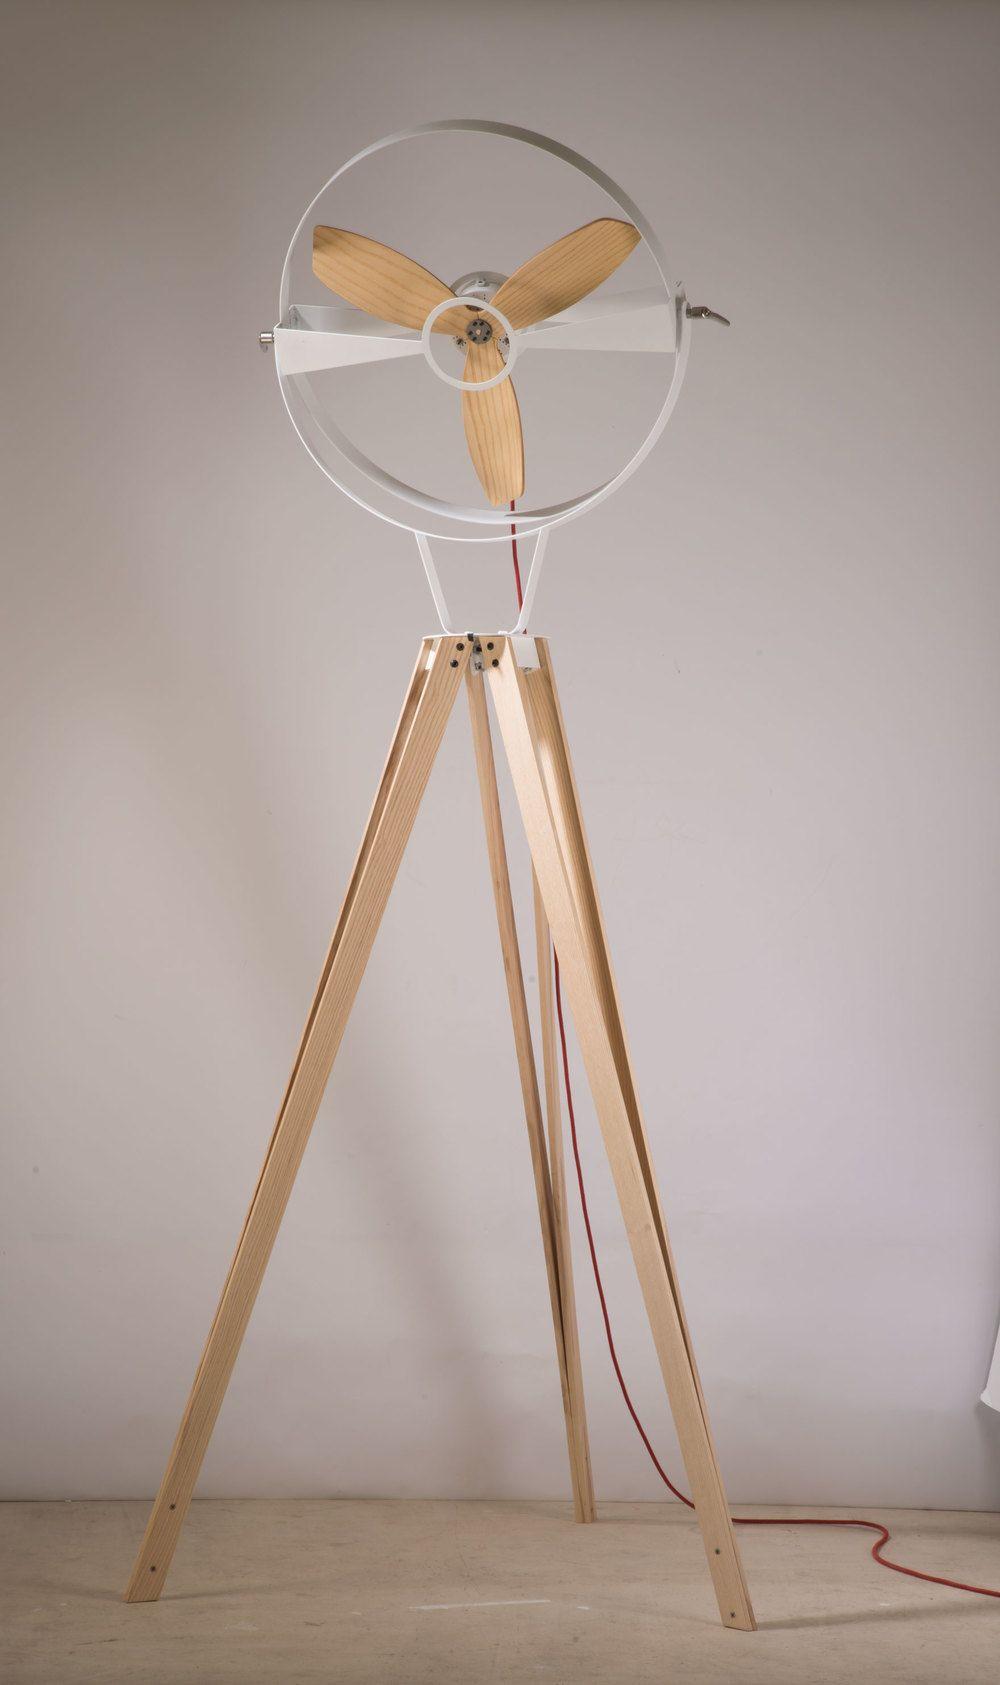 Floor Standing Fan By Gallegos Design